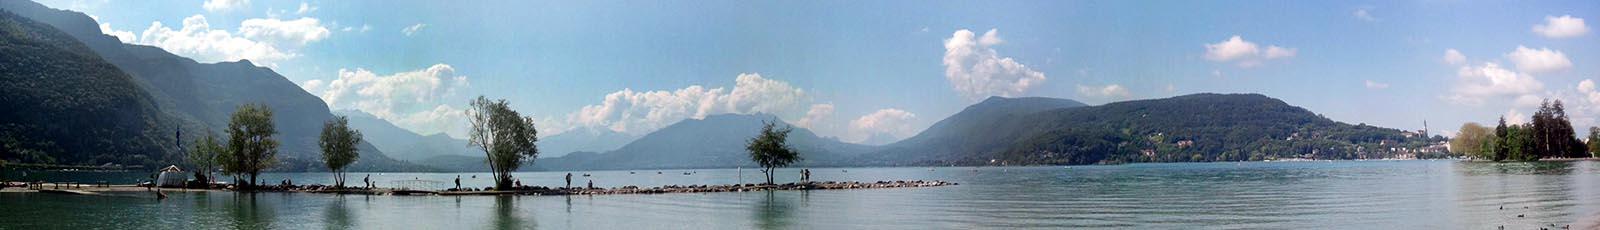 ASPTT plage albigny2